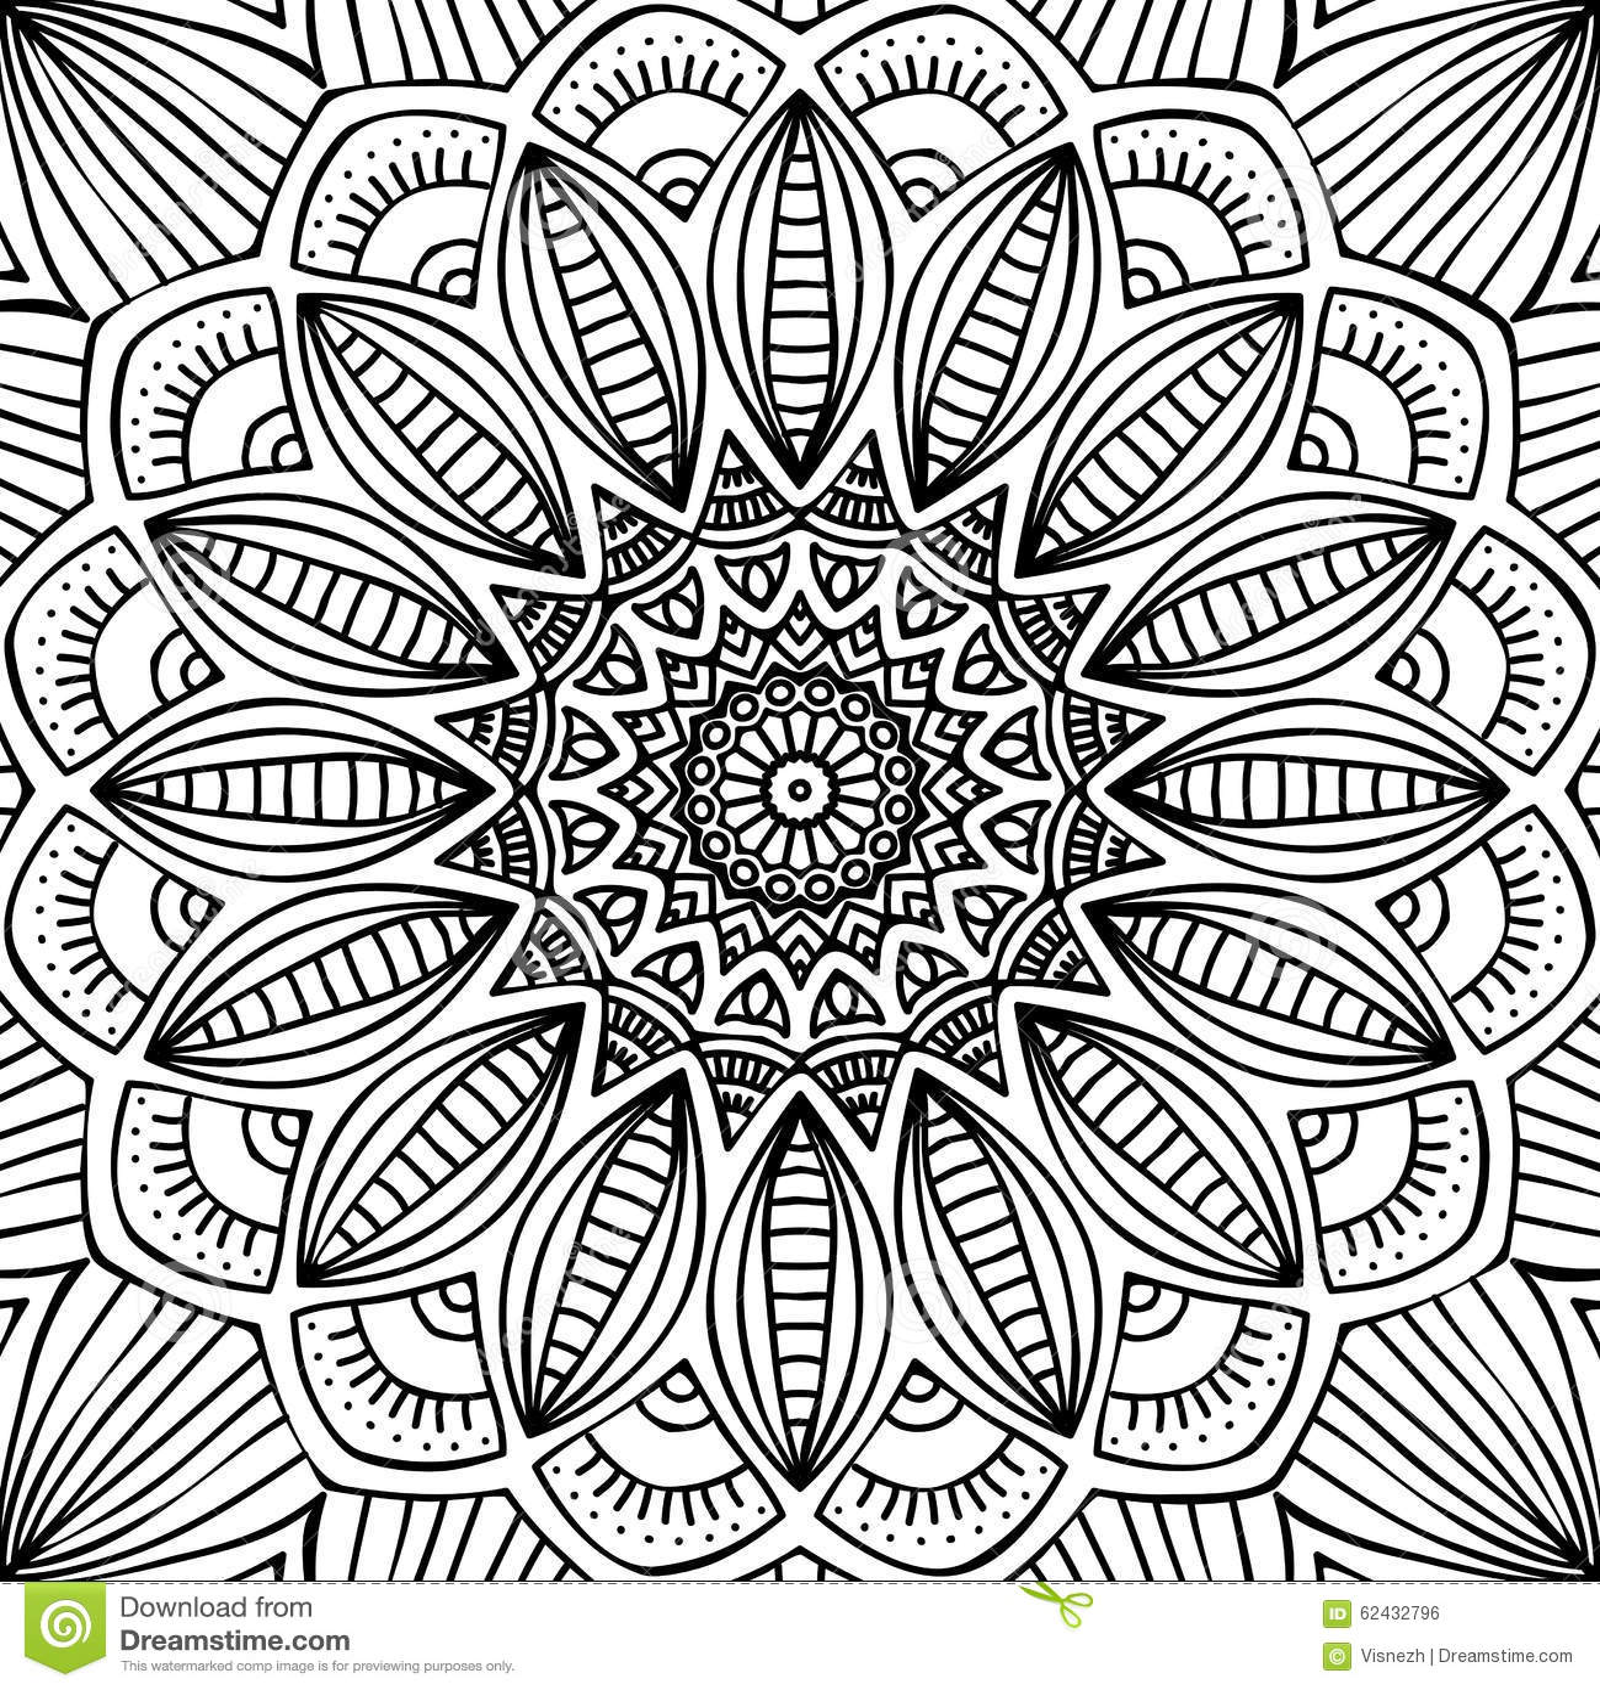 mandala coloring page stock vector image 62432796